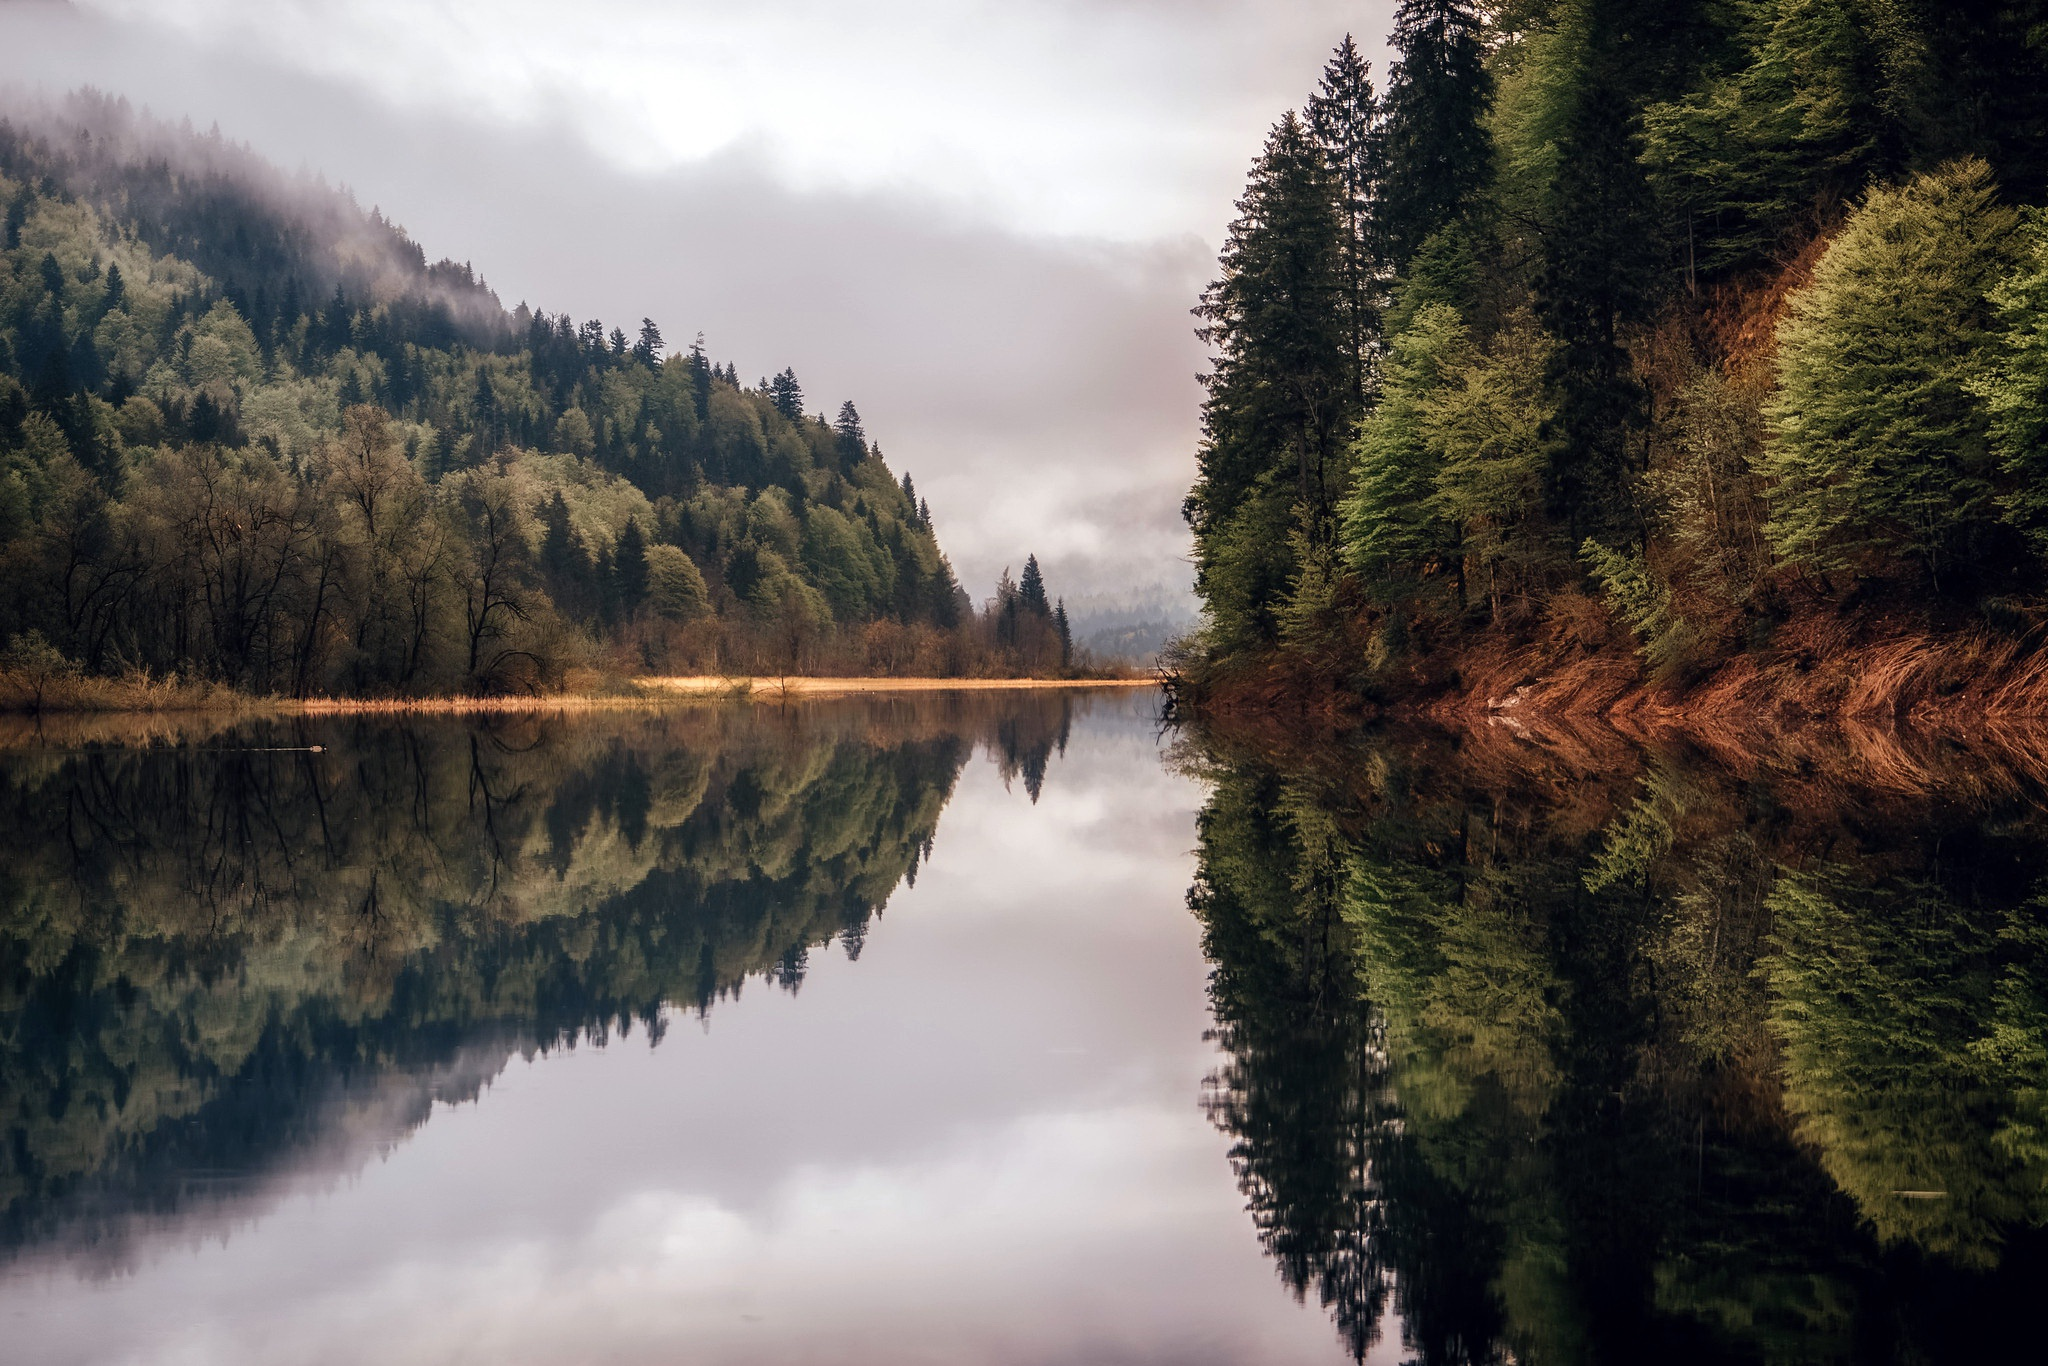 Картинка с рекой и лесом